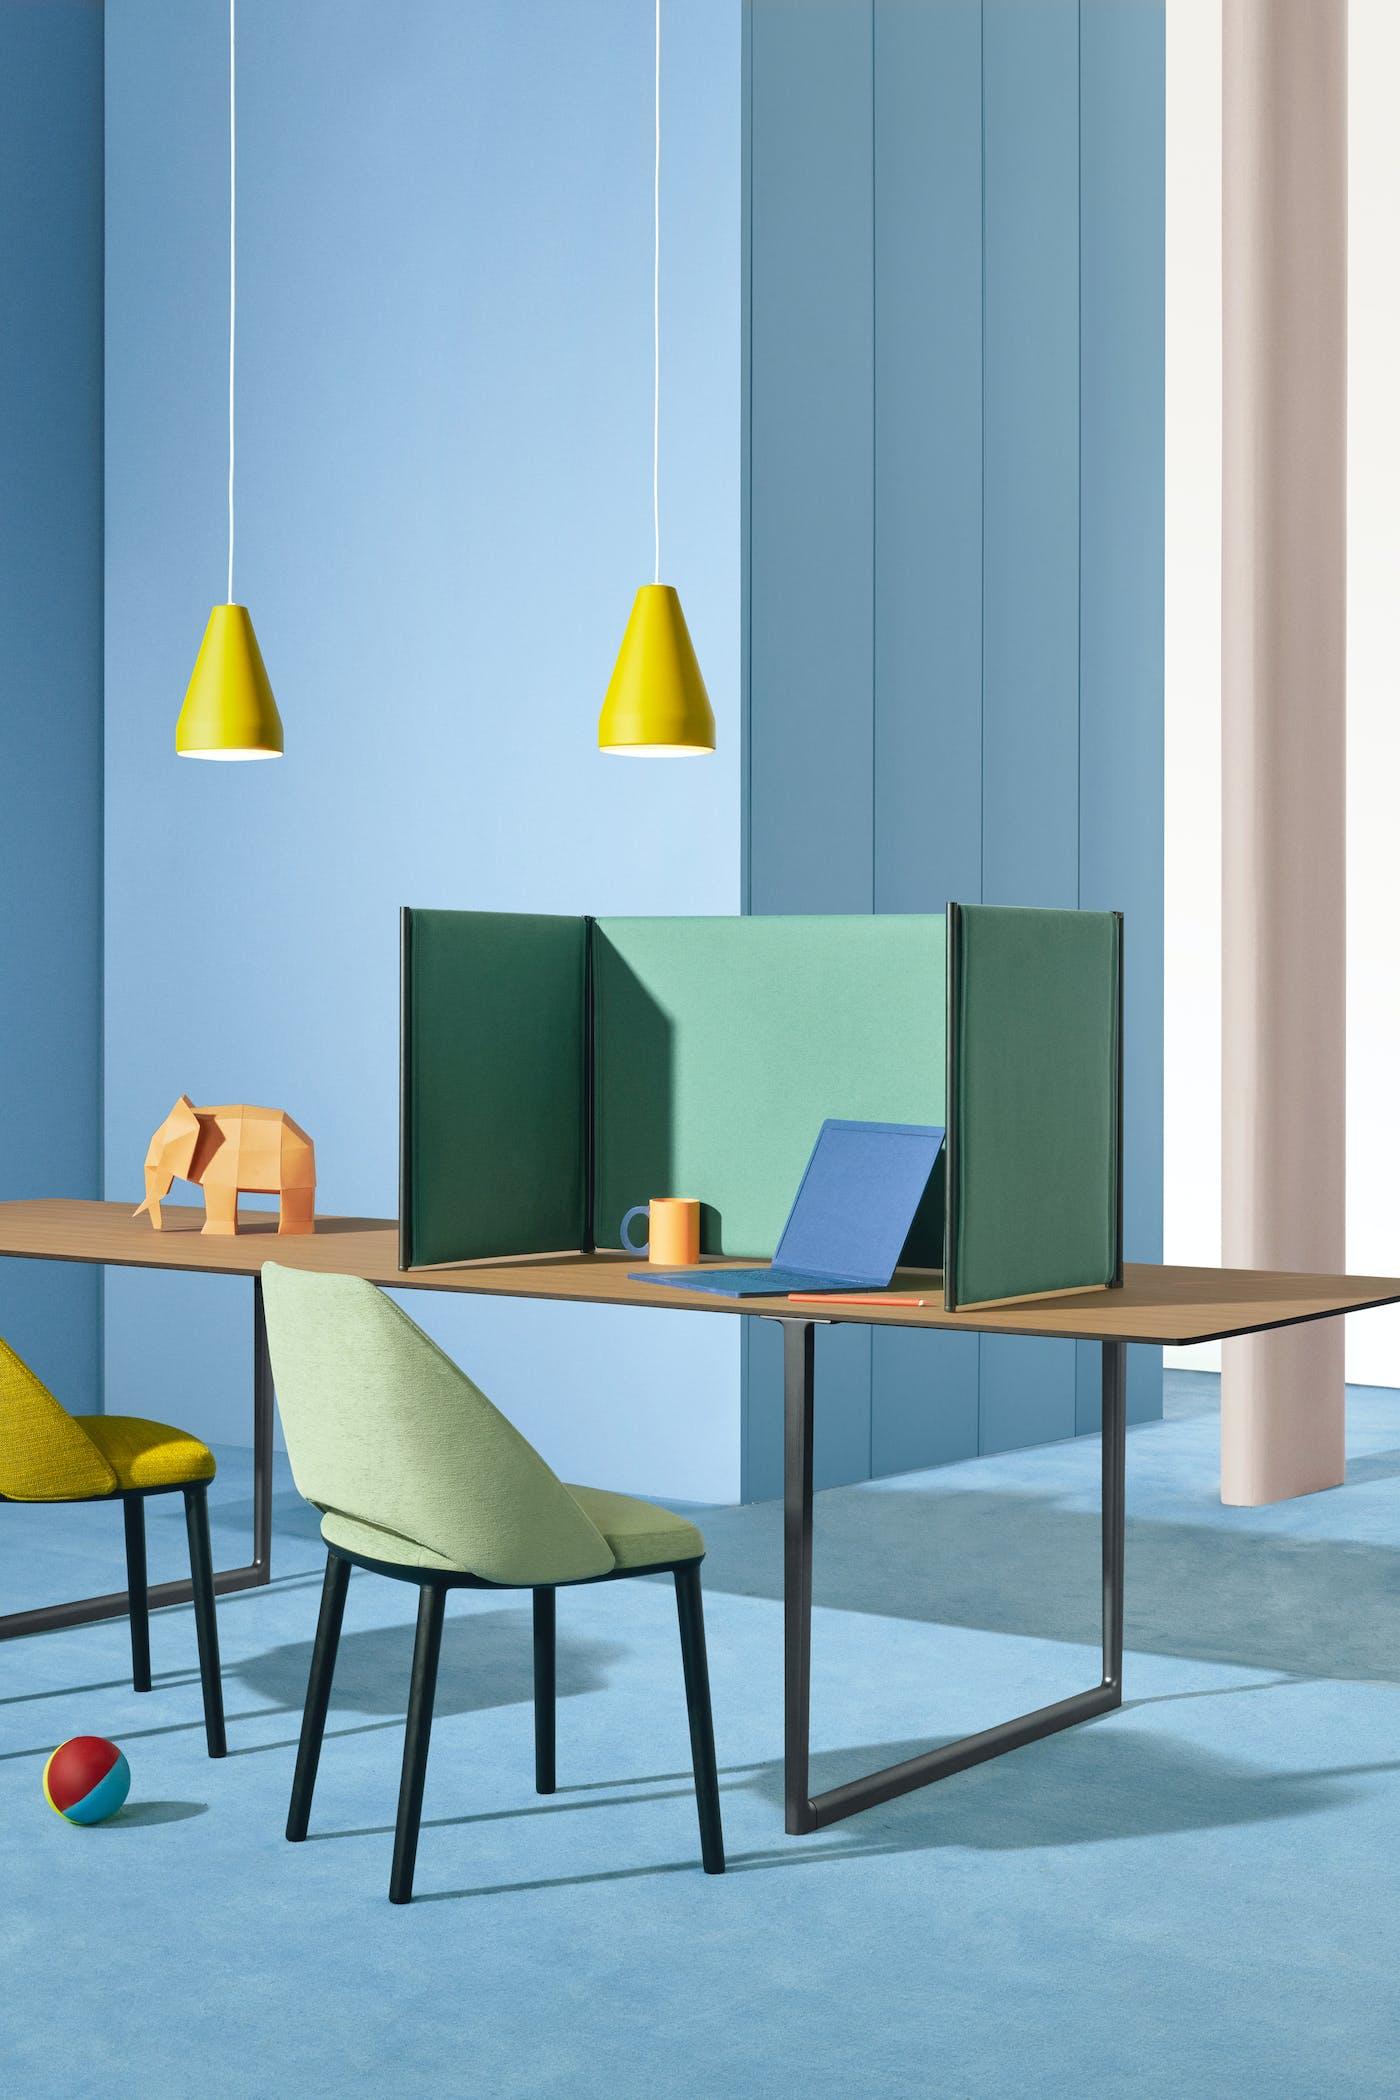 Pedrali Toa Folding Screen designed by Robin Rizzini art direction Studio FM photo Andrea Garuti 2